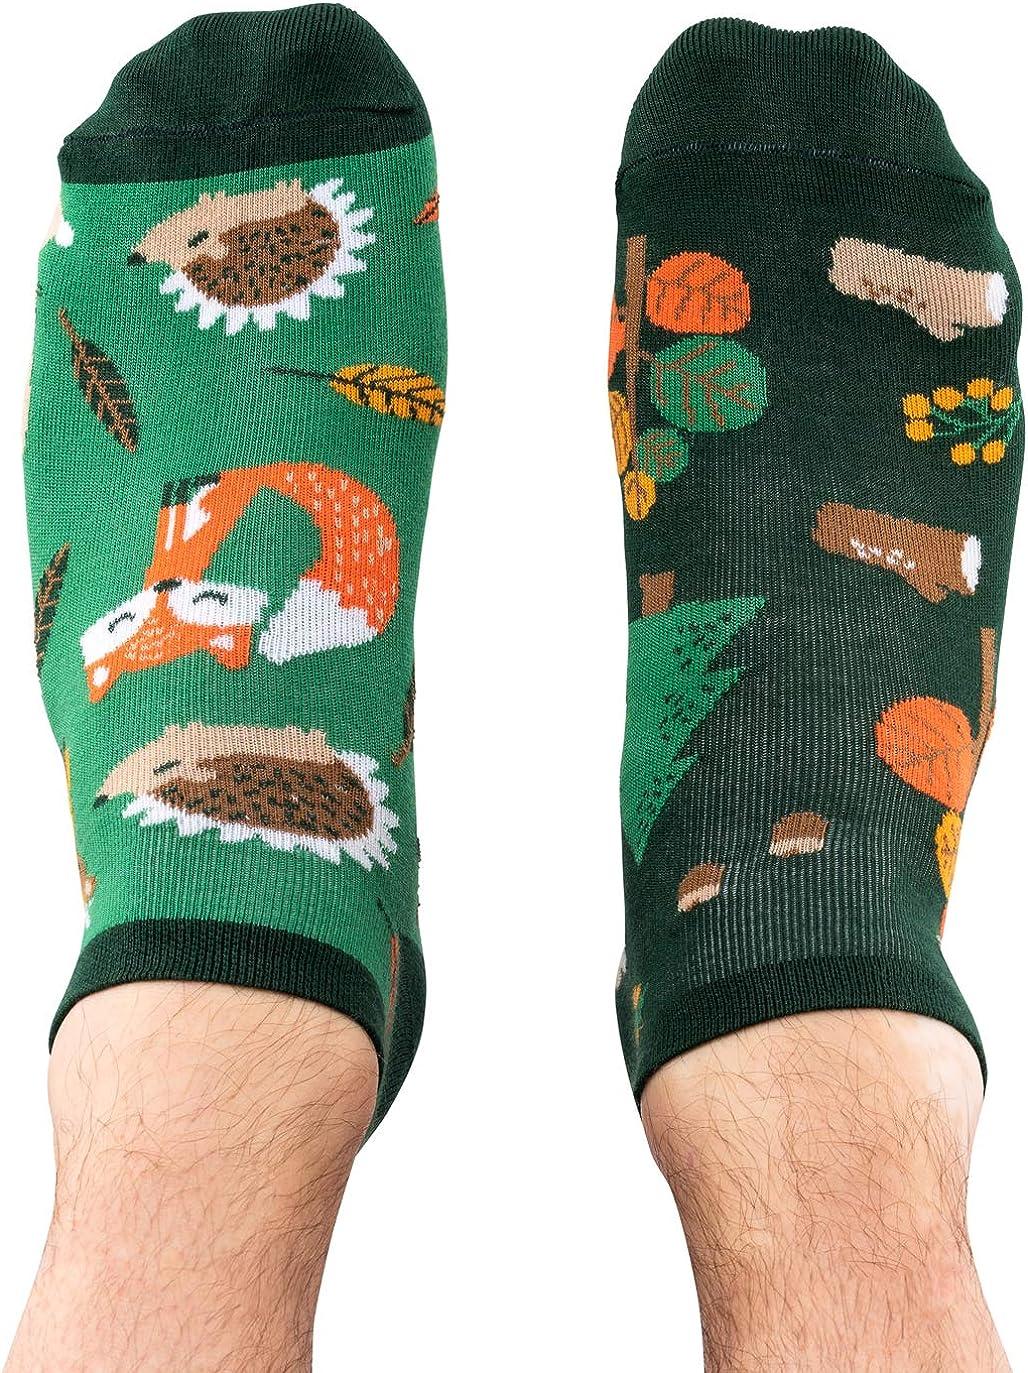 verr/ückte TODO COLOURS Lustige Motiv Sneaker Socken bunte Kn/öchelsocken Herre Damen mehrfarbige Forest Animals Low